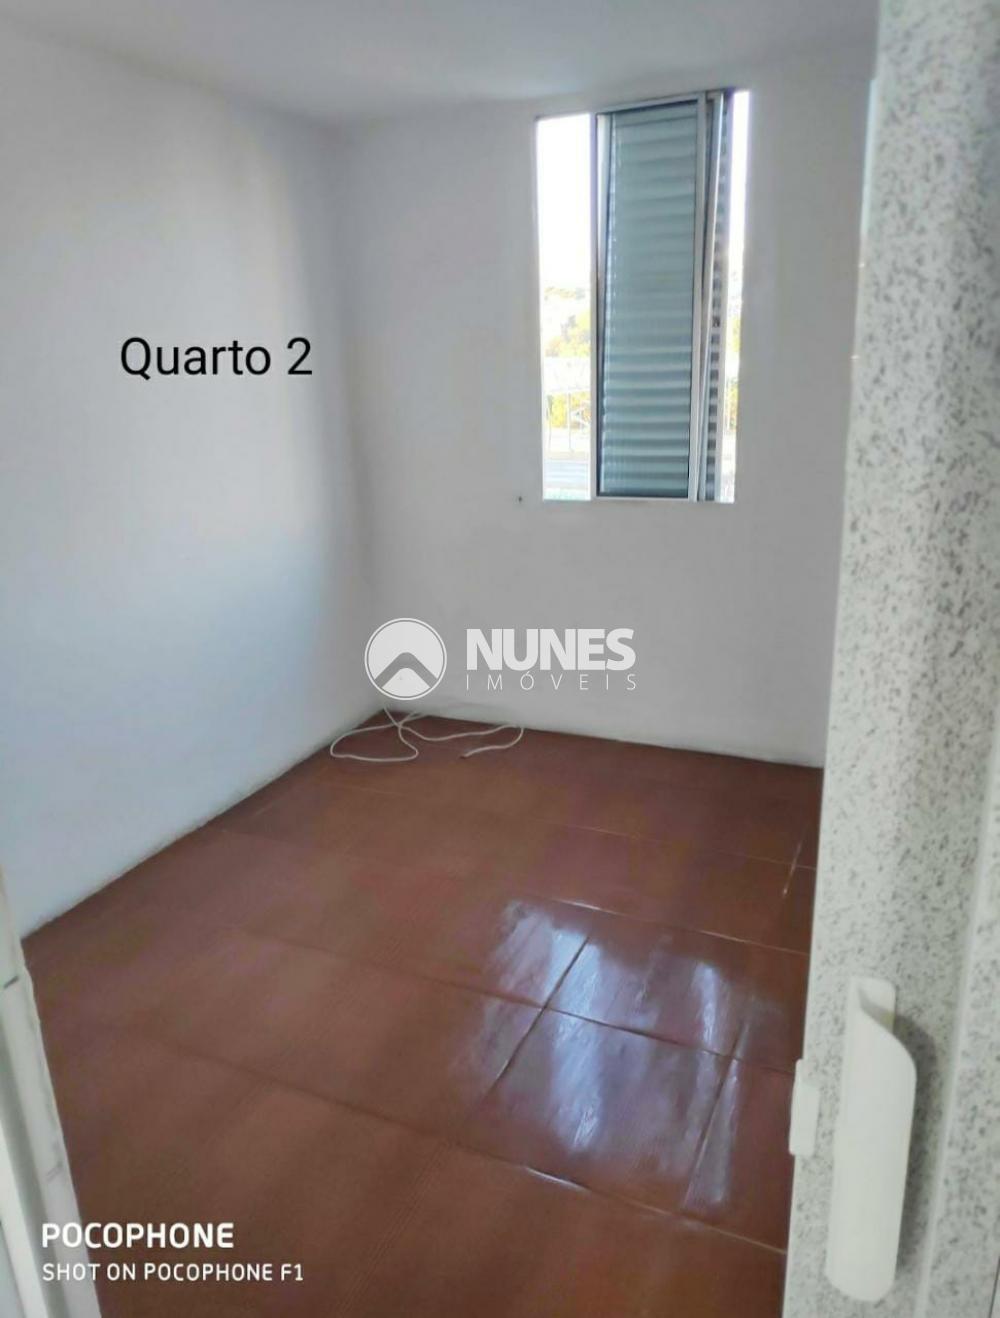 Comprar Apartamento / Padrão em Carapicuíba R$ 130.000,00 - Foto 10